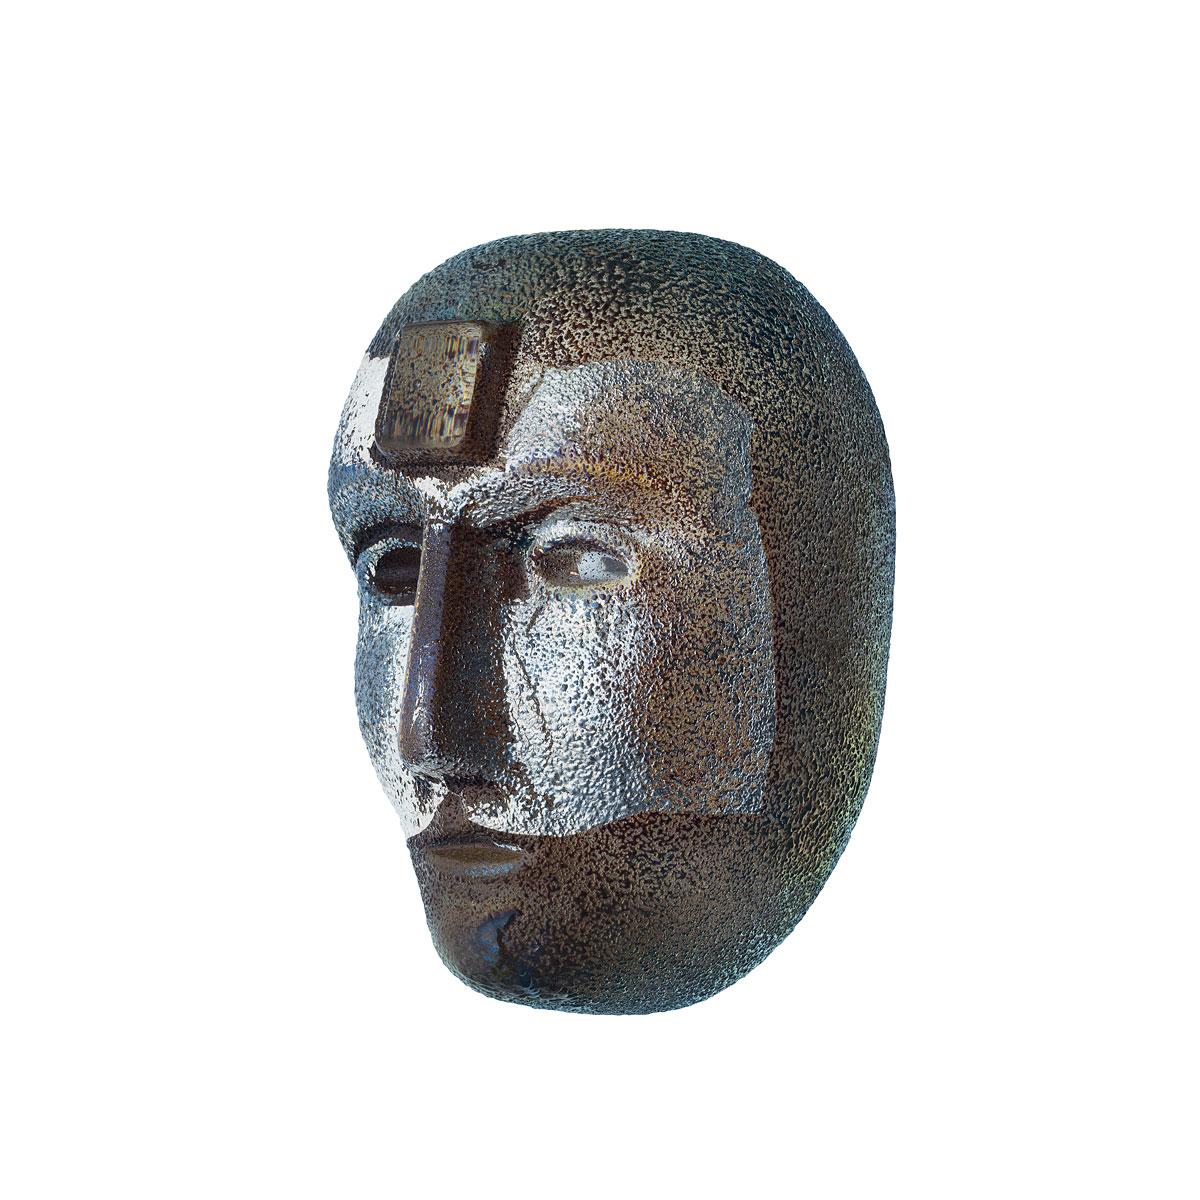 Kosta Boda Art Glass Bertil Vallien Look In Sculpture Limited Edition